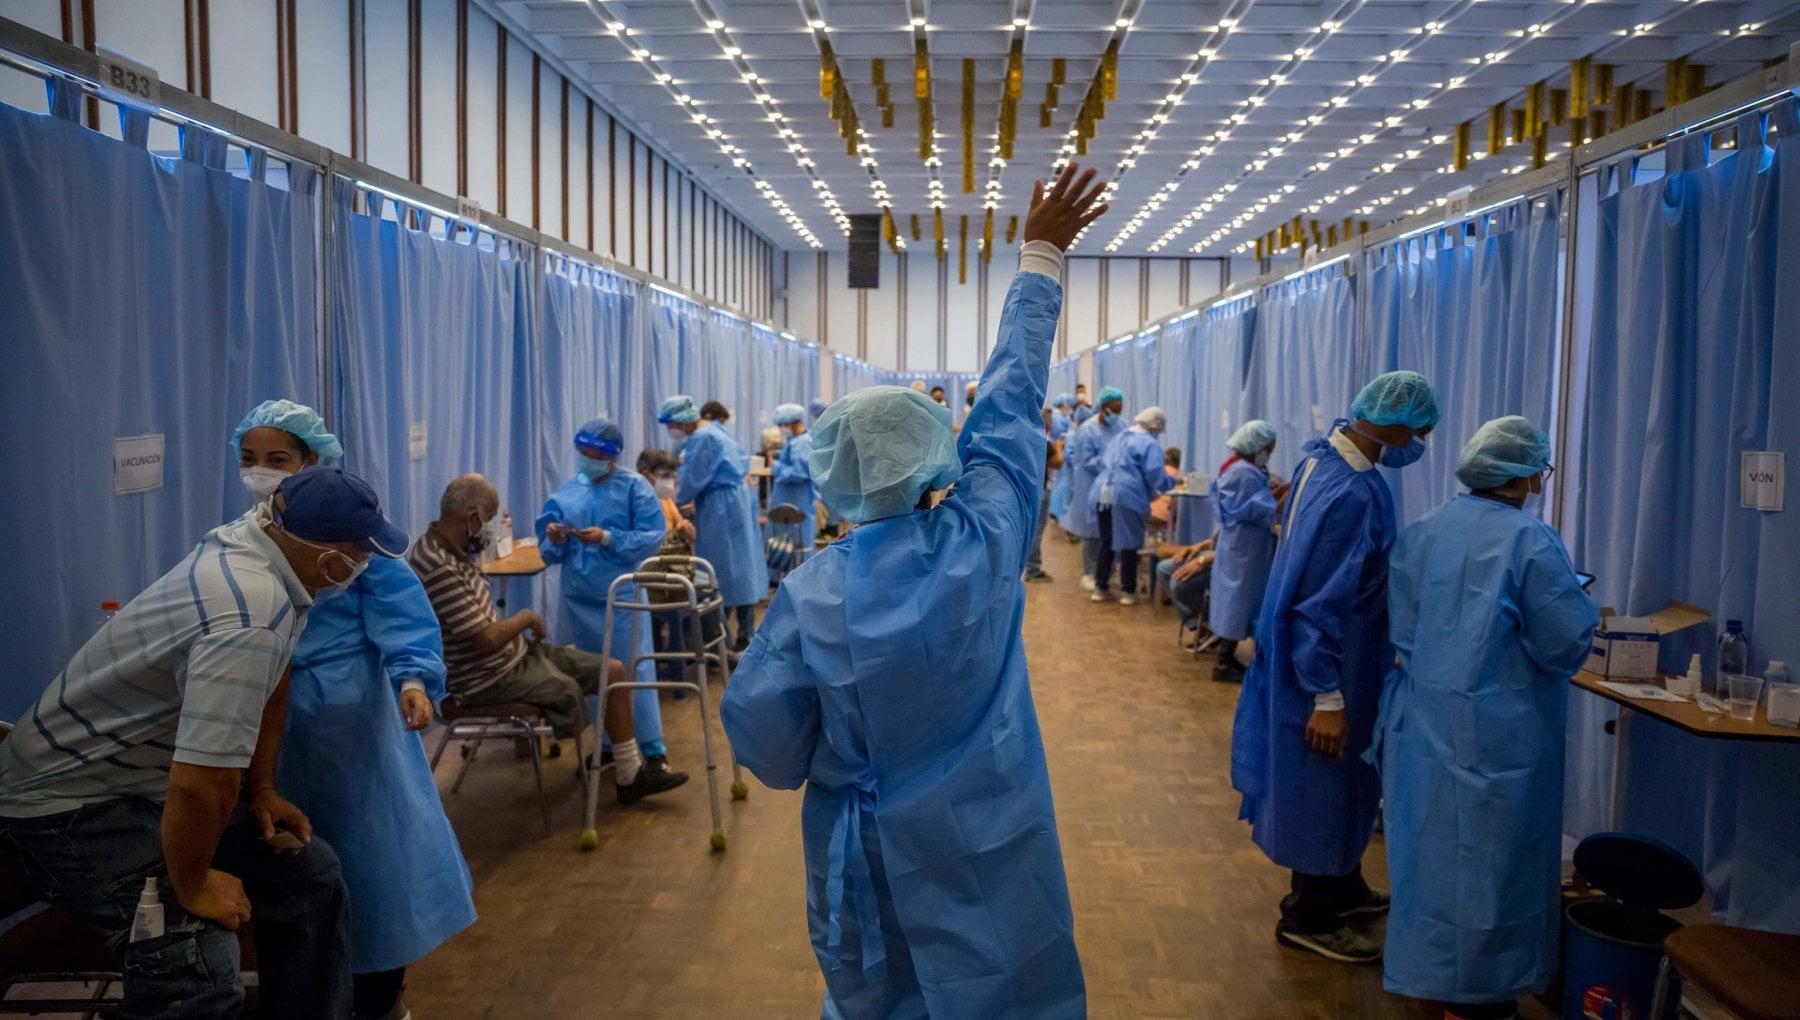 063202310 a6f565eb d5a8 4742 8ed1 8f8c784a52f6 - In Brasile oltre 95 mila nuovi casi e nuovo cluster in Cina